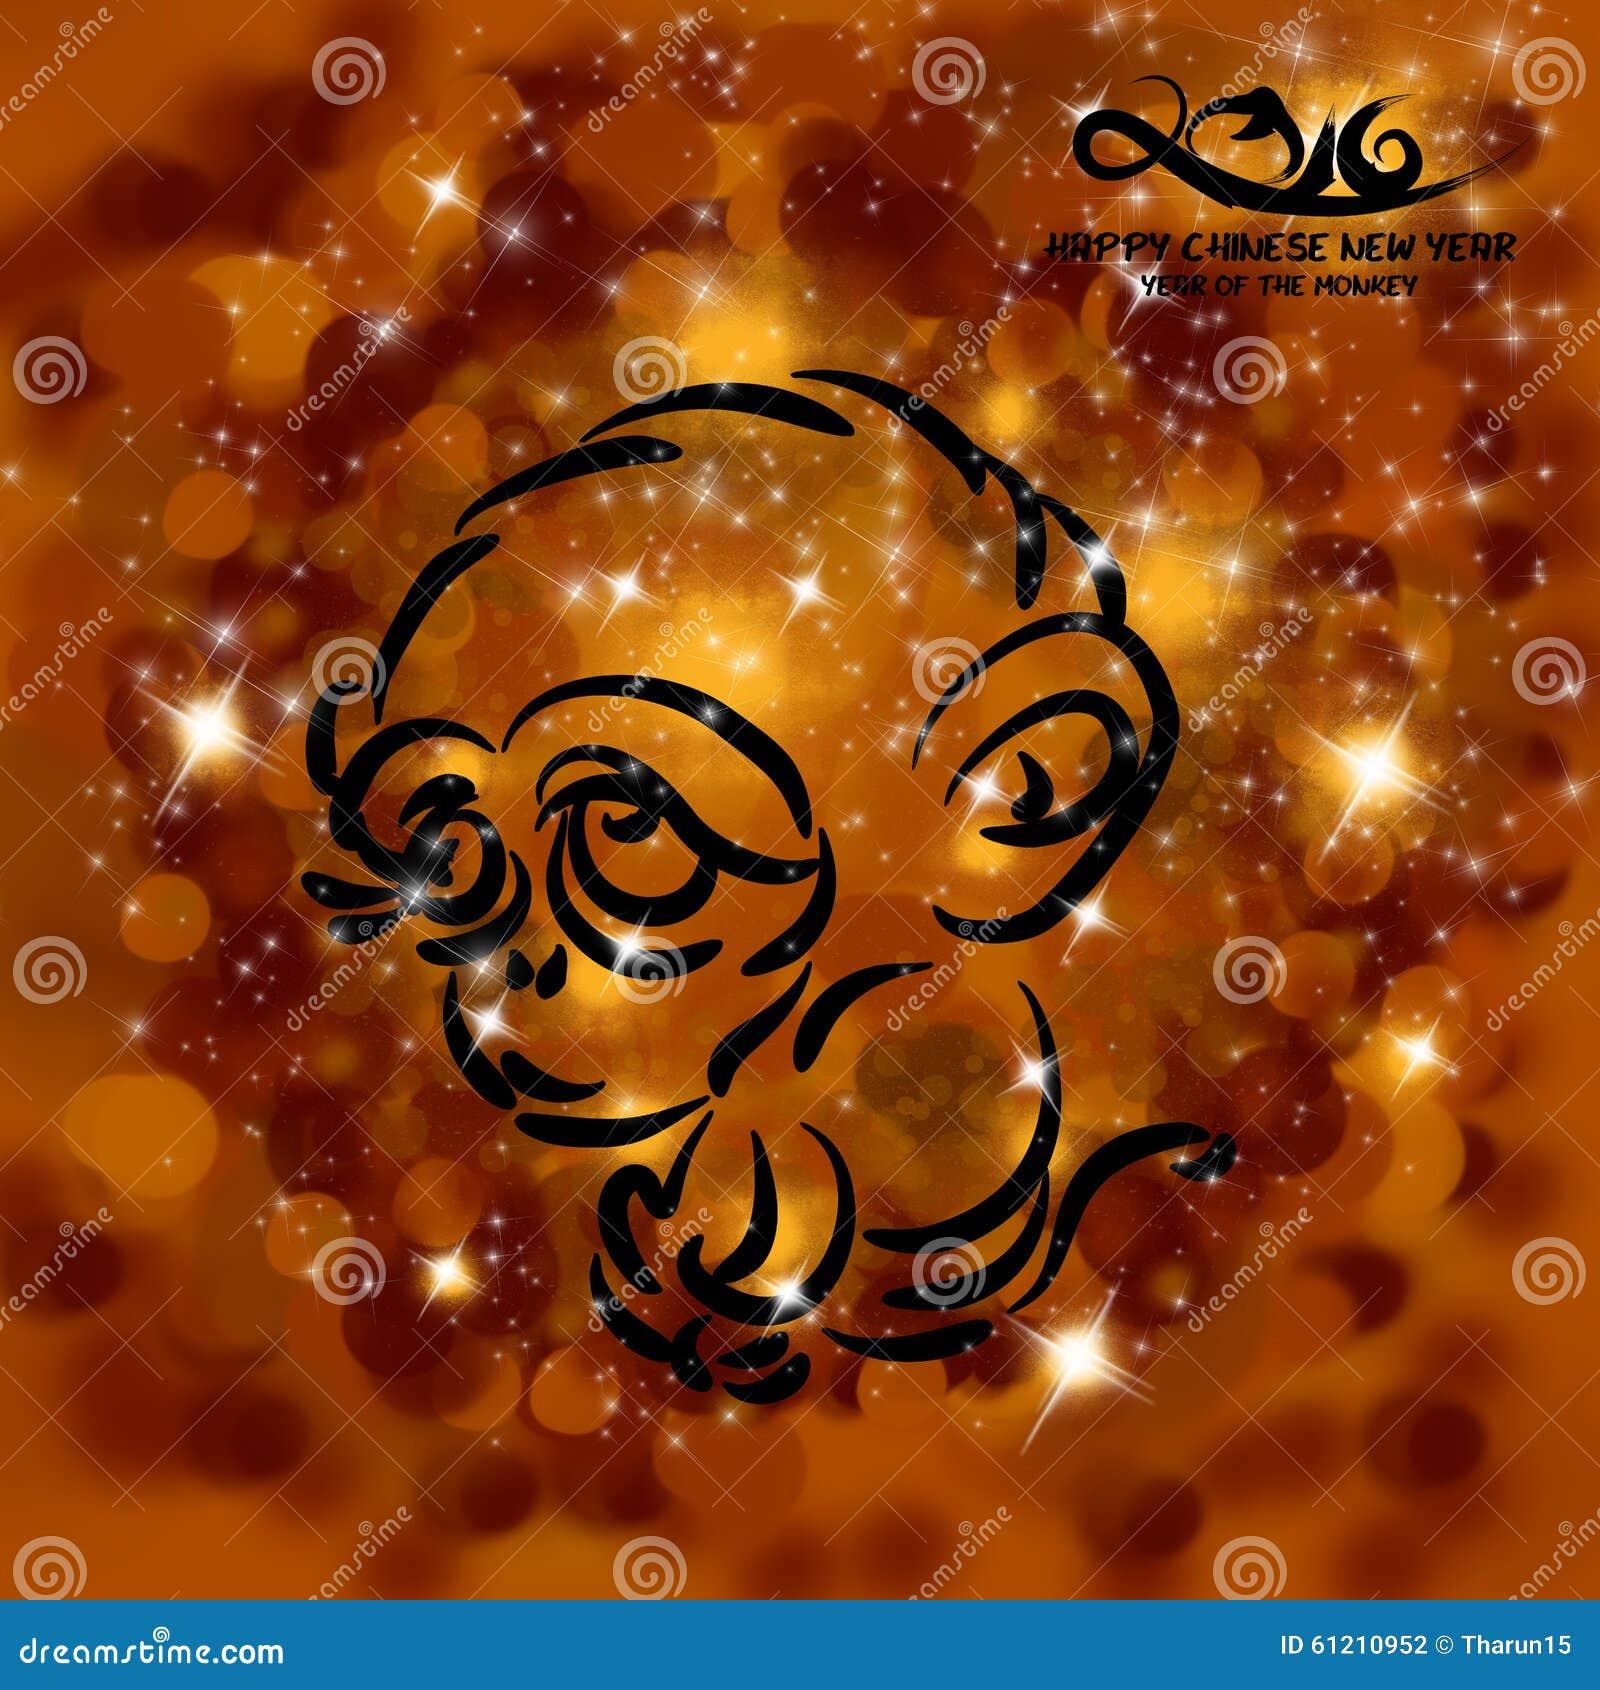 Chinesisches Neujahrsfest Des Affen - Gruß-Karte Stock Abbildung ...